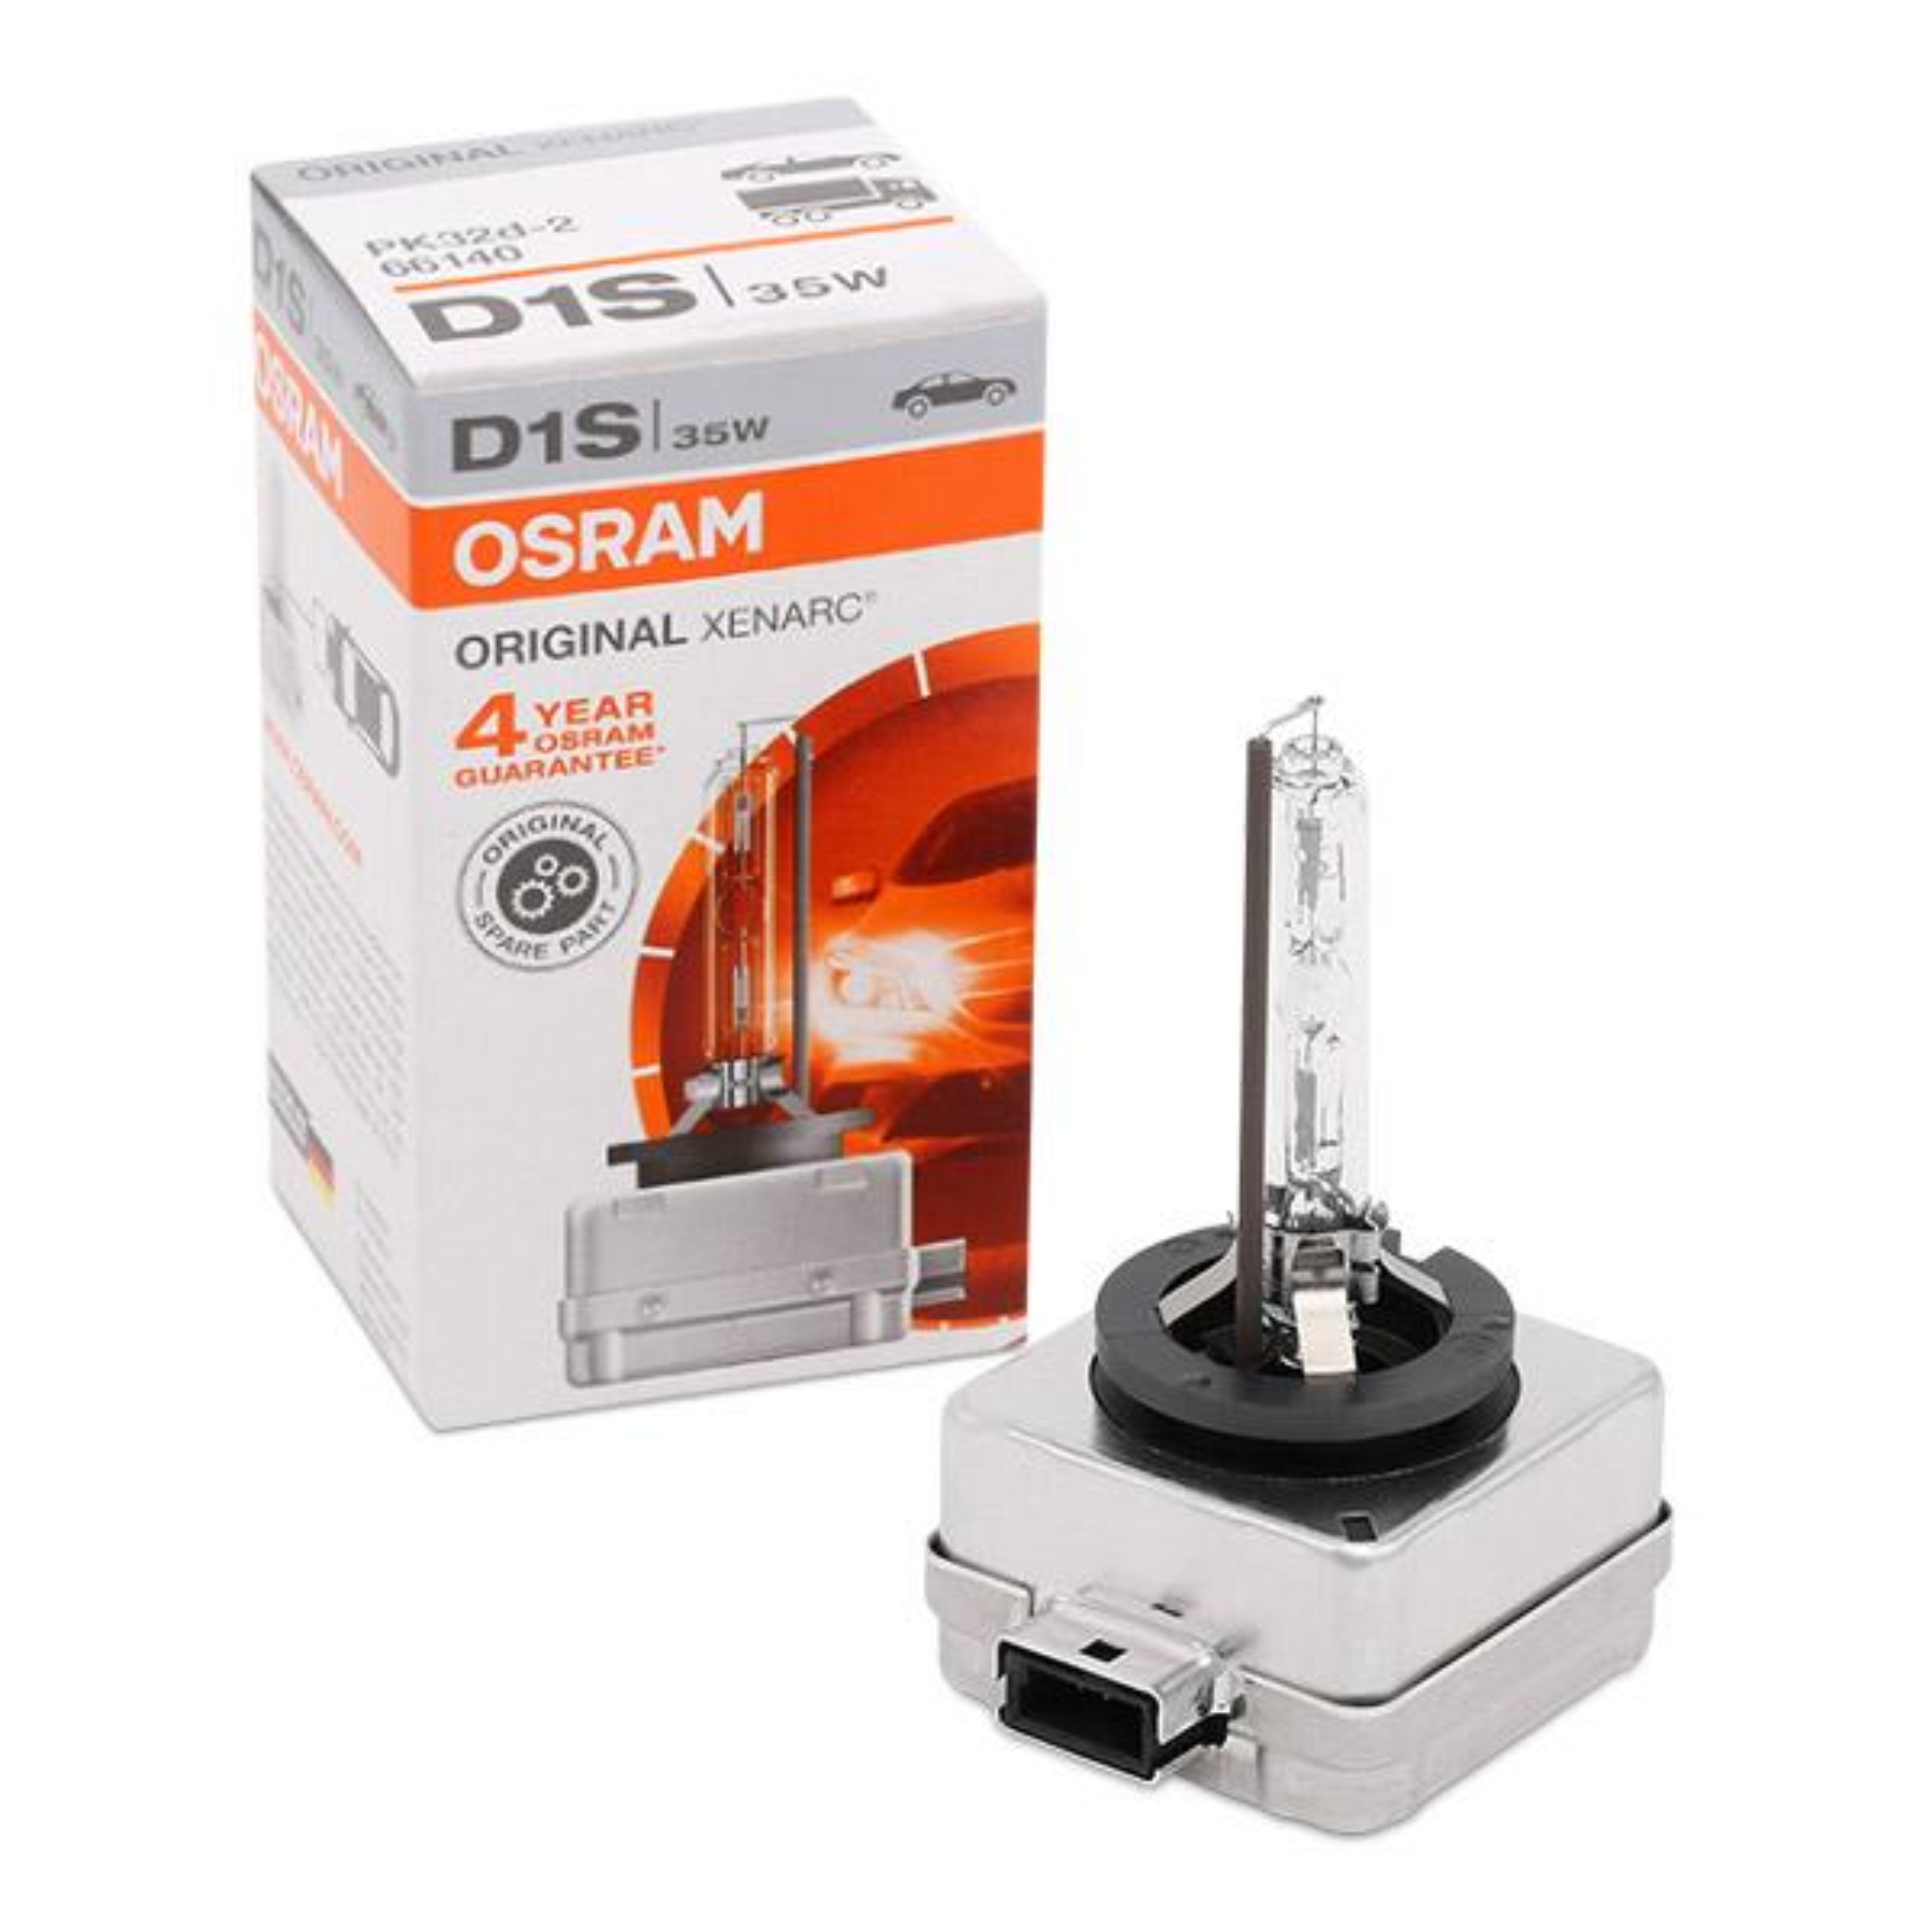 Żarówka, reflektor dalekosiężny 66140 OSRAM D1S oryginalnej jakości